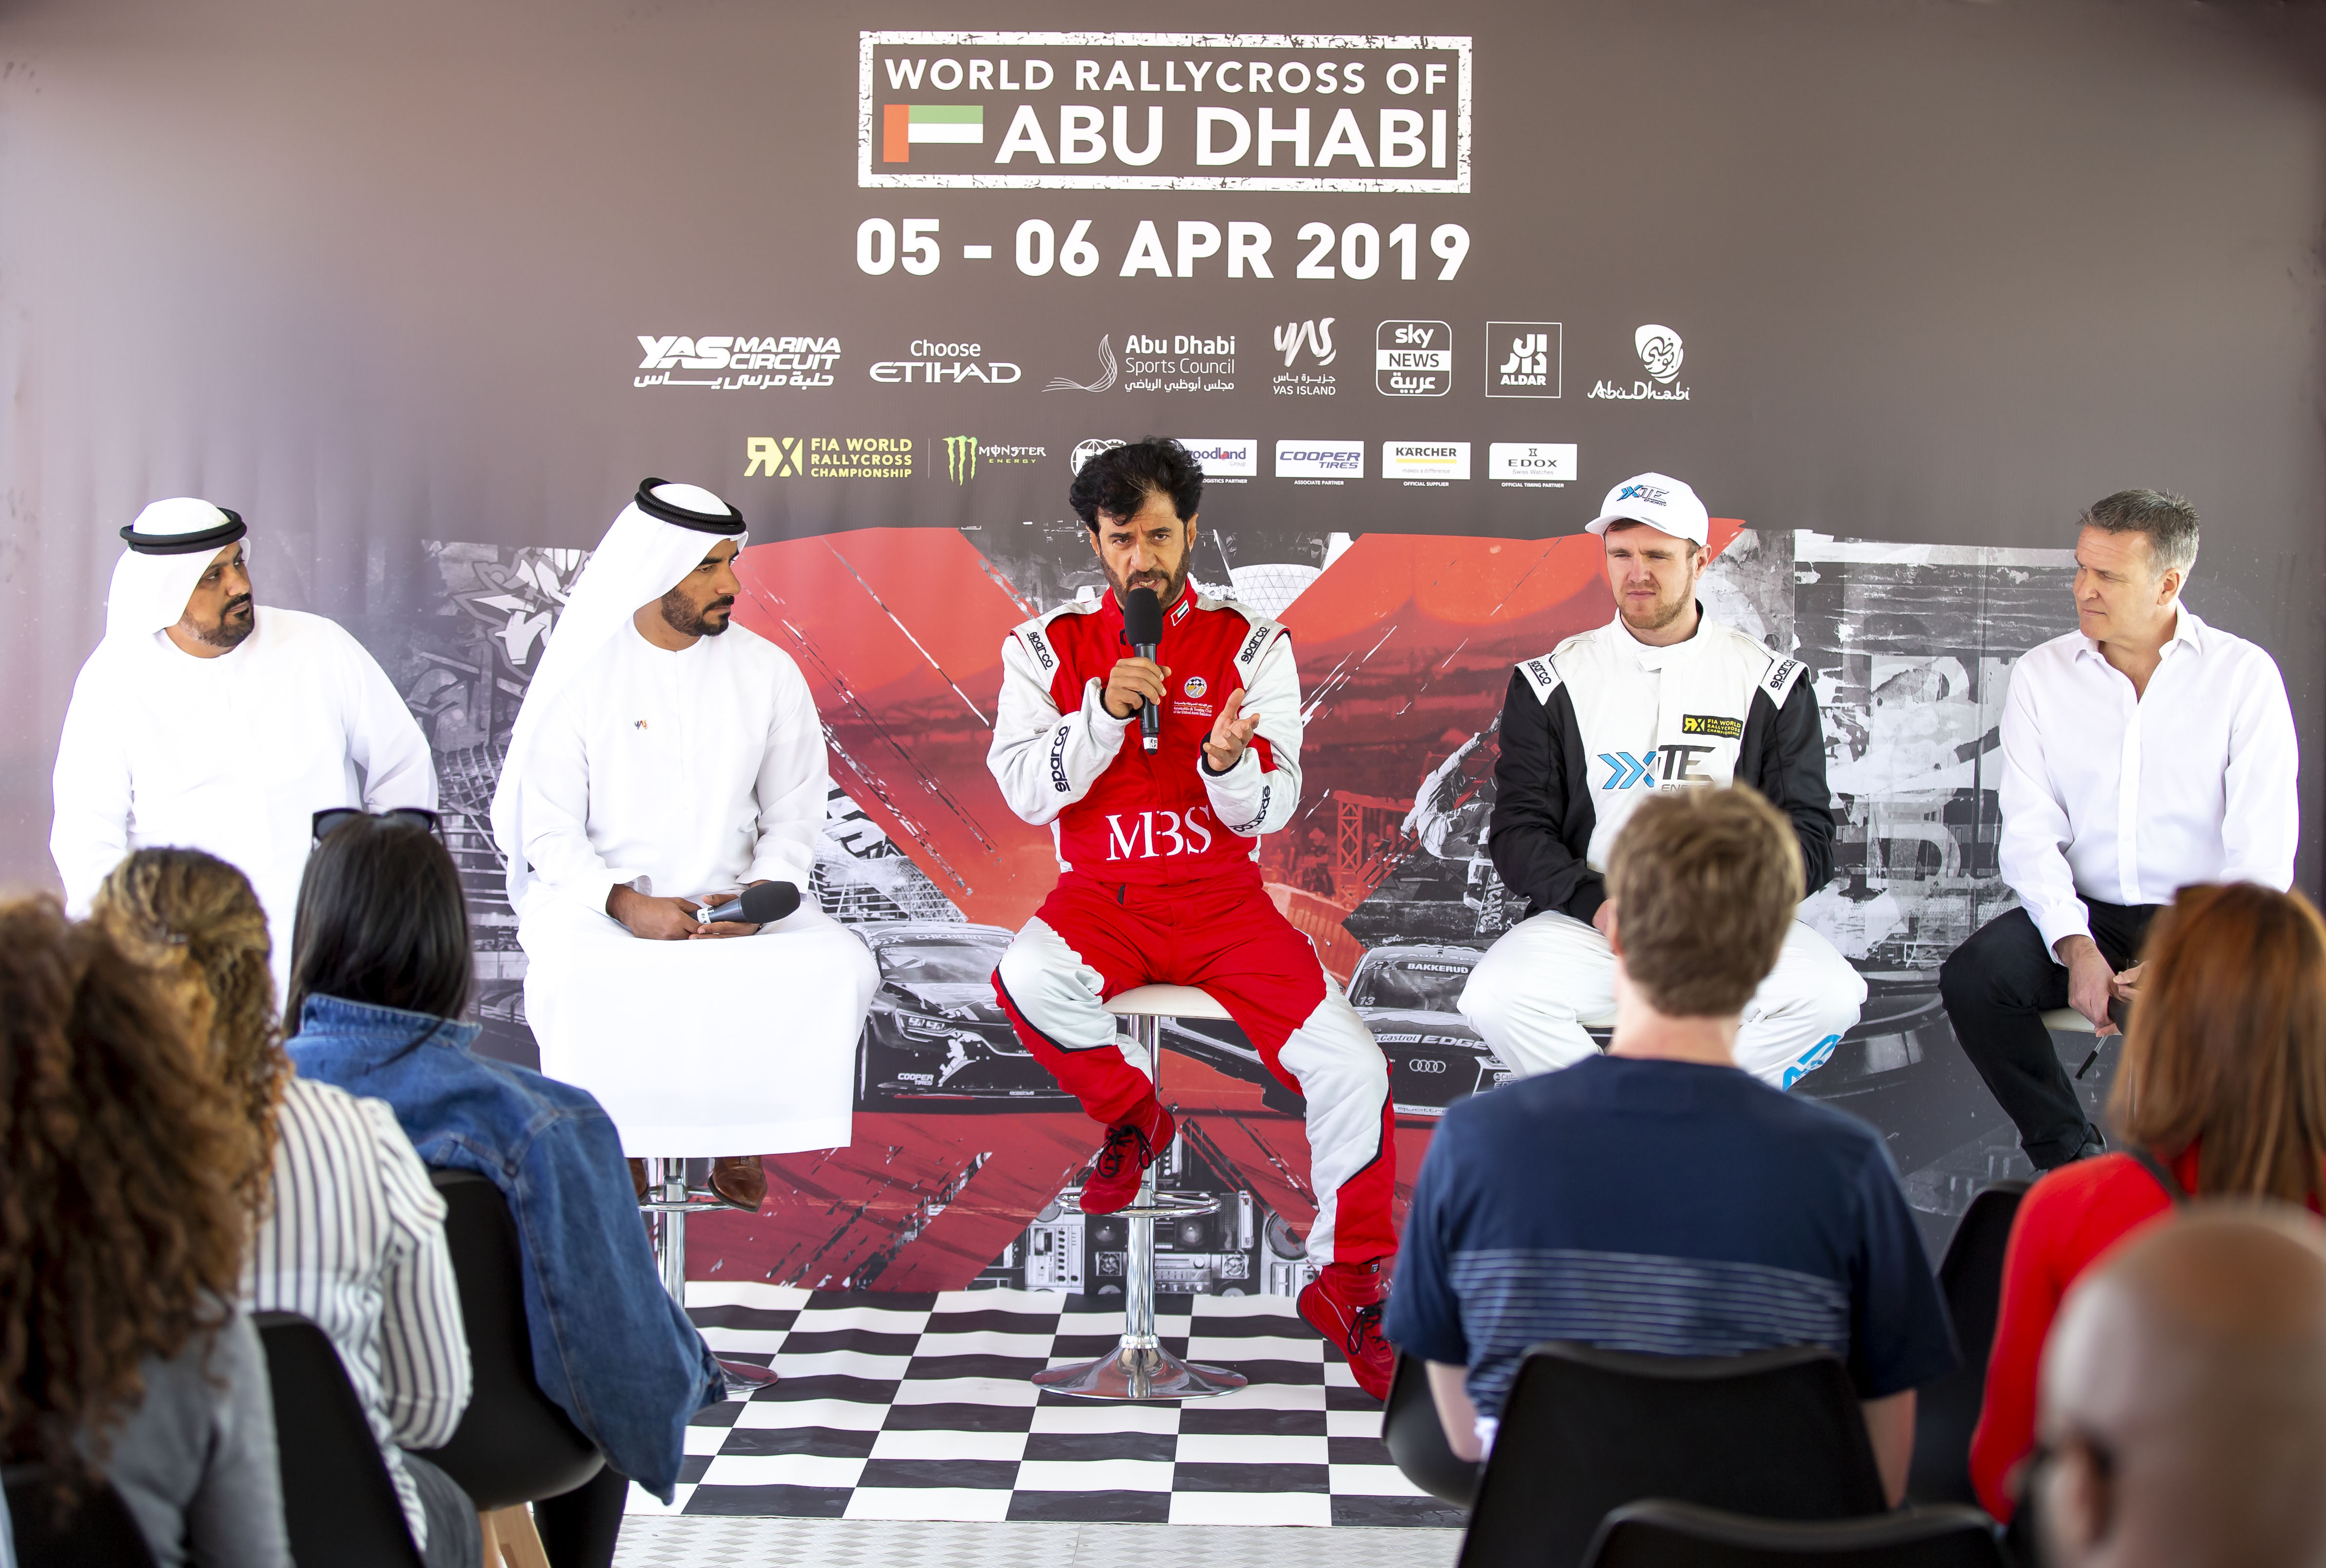 حلبة مرسى ياس تُقدم أنشطة وفعاليات لعطلة أسبوع سباق رالي كروس أبوظبي 2019